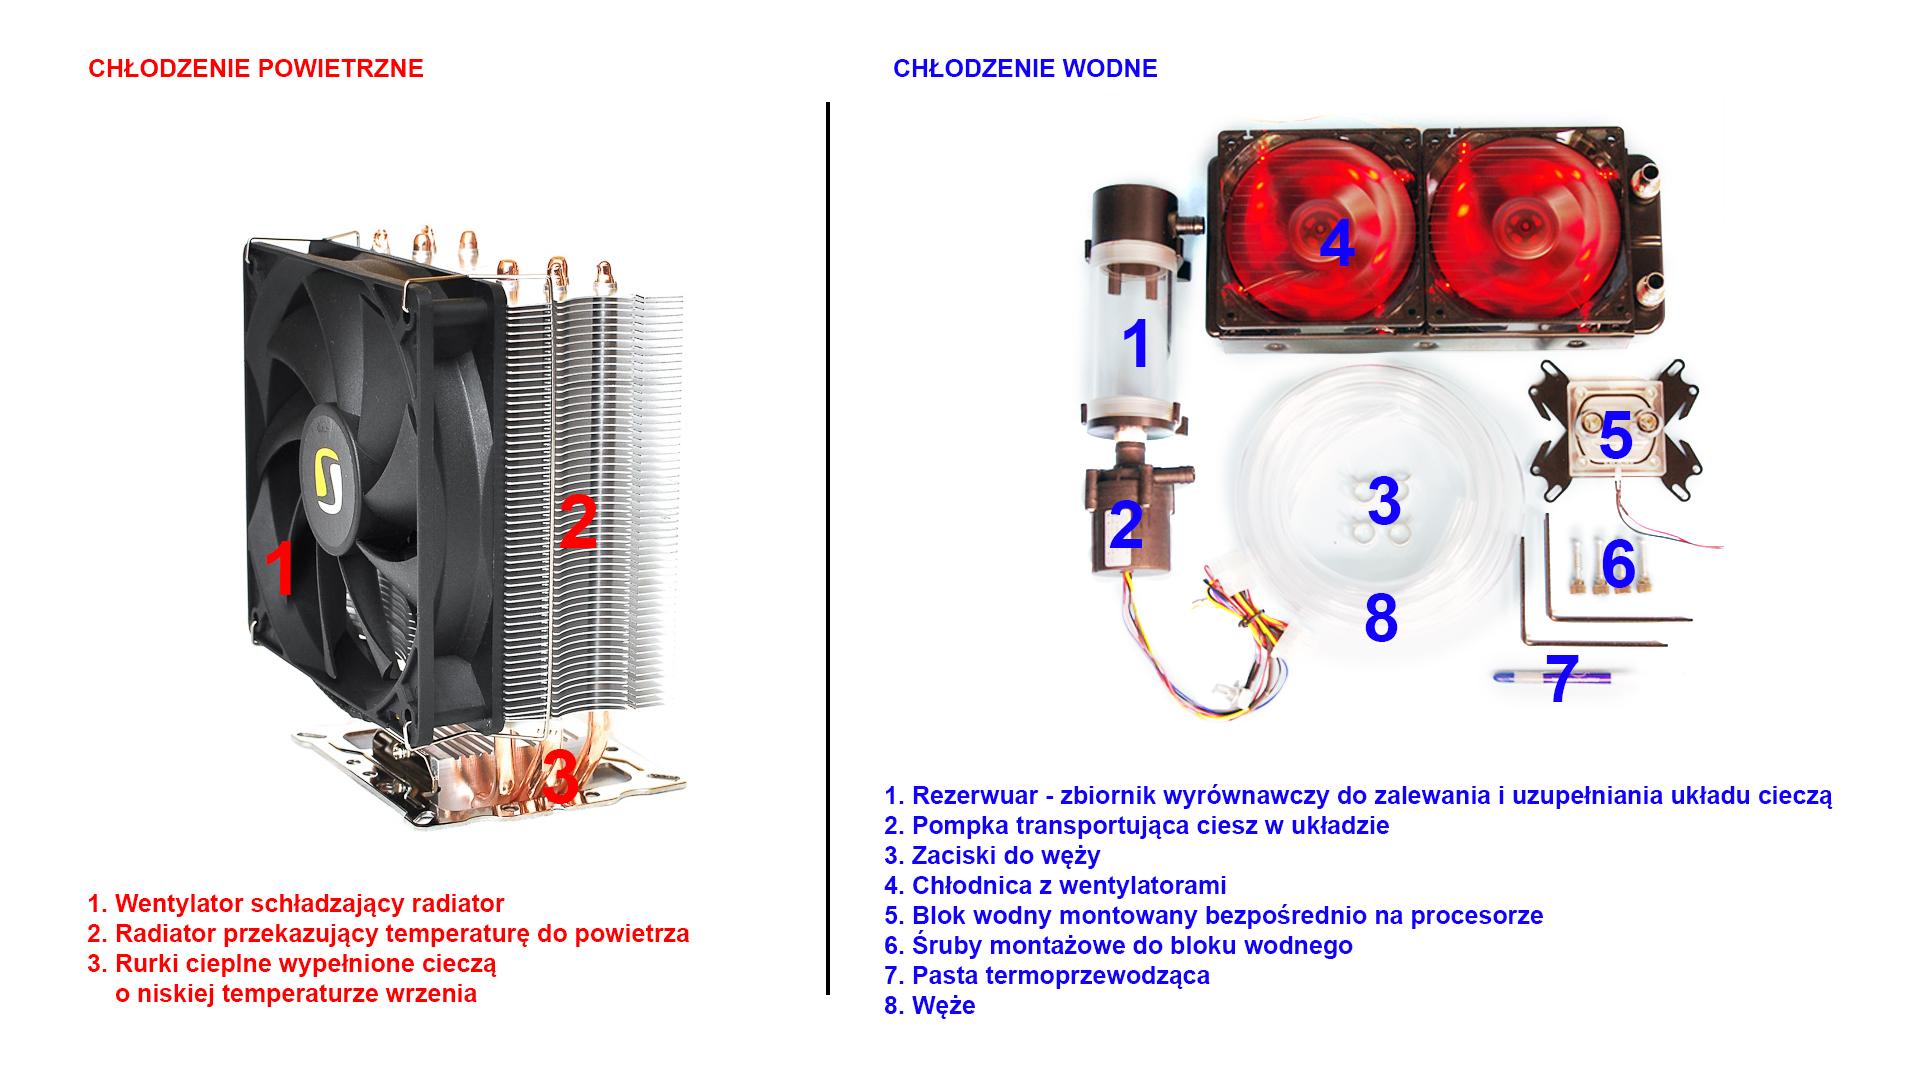 porównanie - chłodzenie procesora powietrzne iwodne